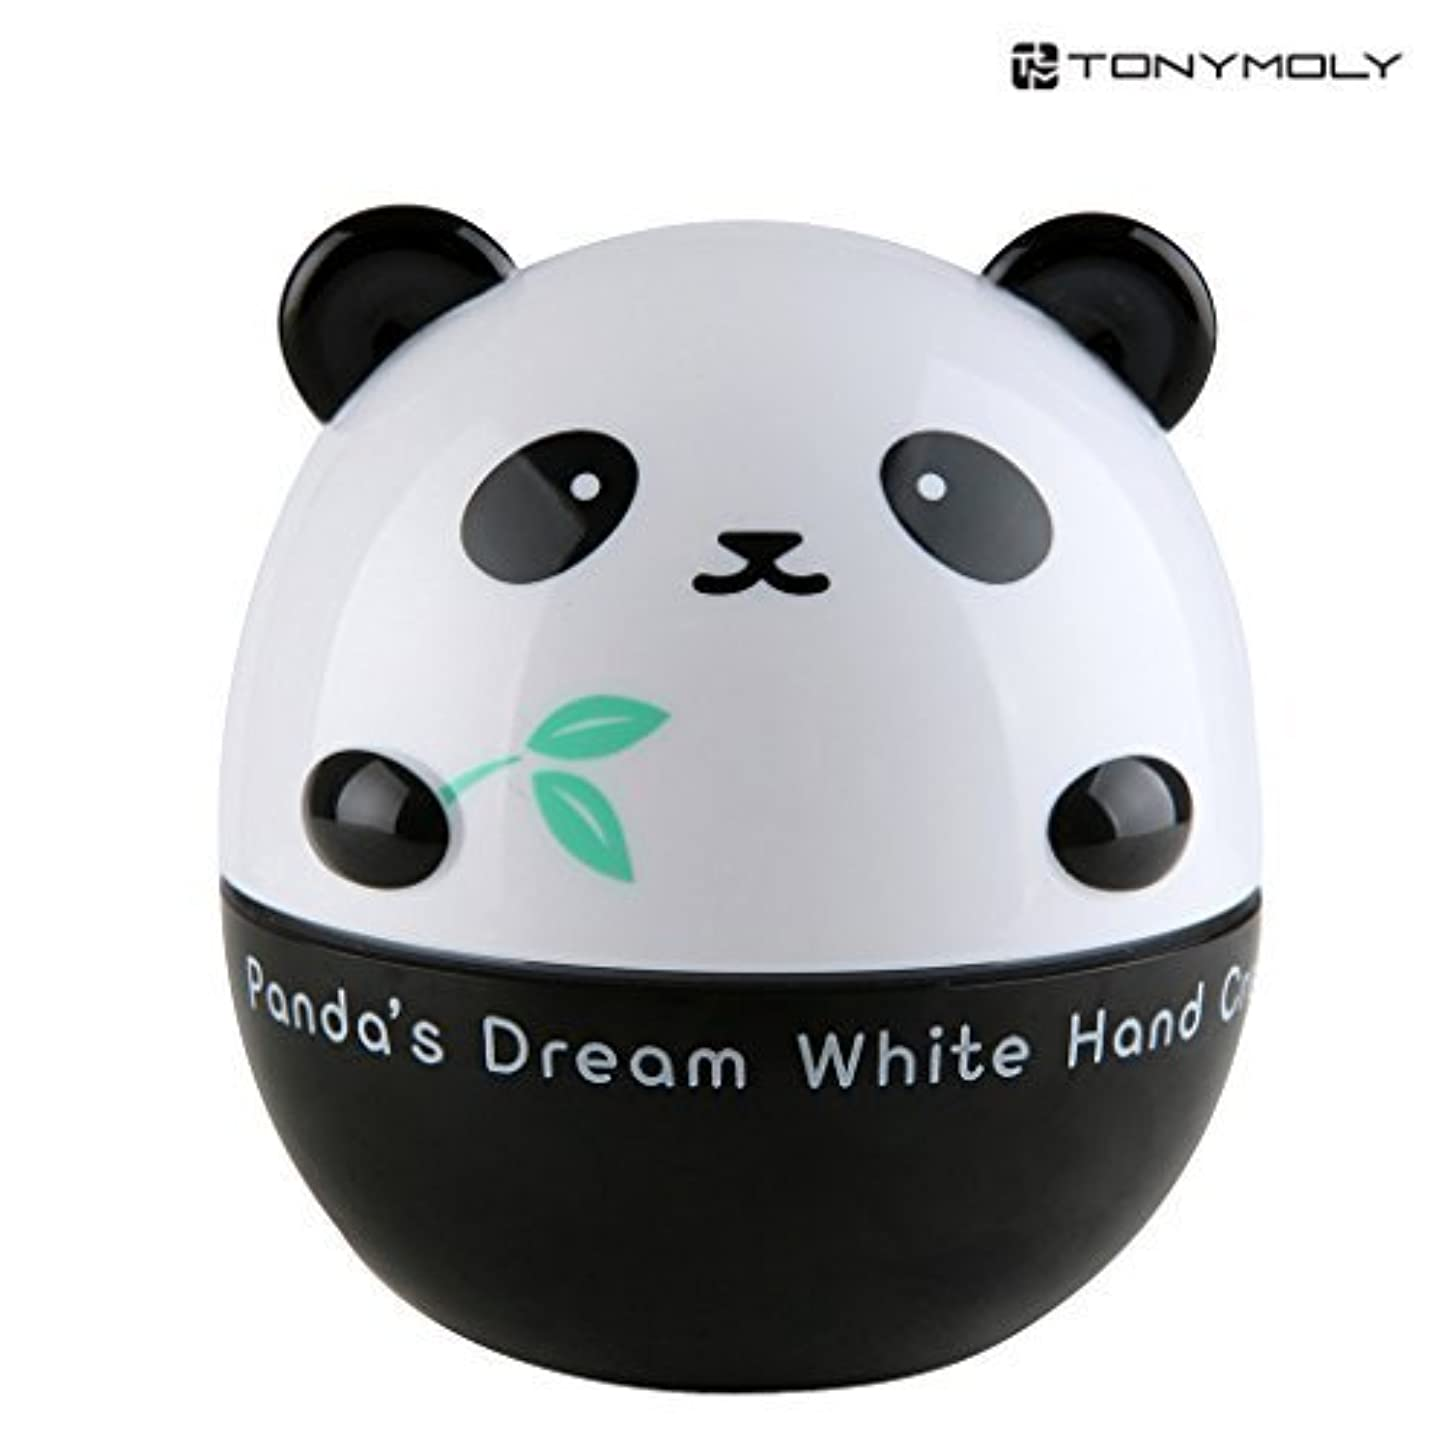 入植者従来の作曲するTONYMOLY Panda's Dream White Hand cream by TONYMOLY [並行輸入品]